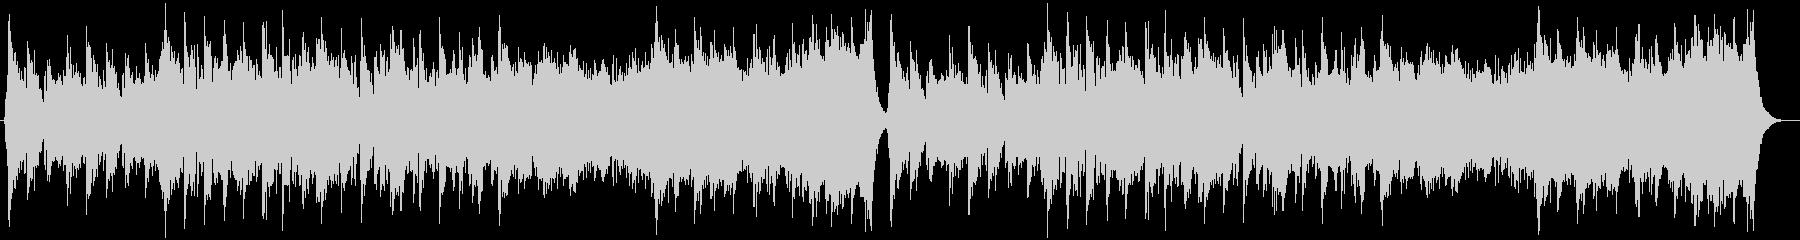 中華風の穏やかなBGMの未再生の波形